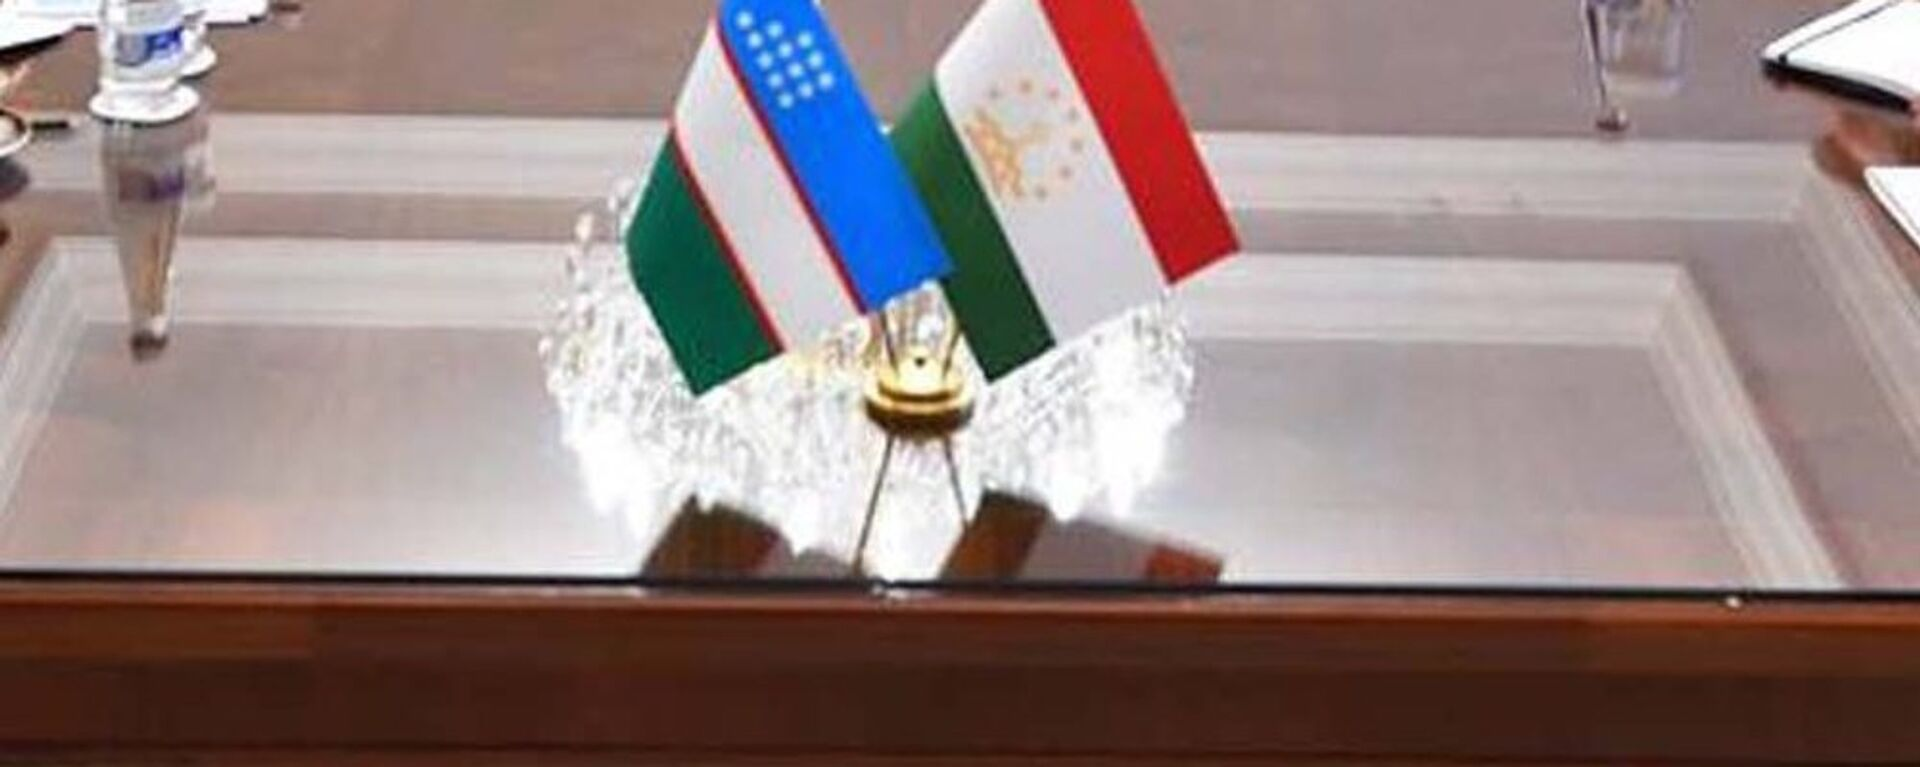 Флаги Узбекистана и Таджикистана - Sputnik Узбекистан, 1920, 31.01.2021